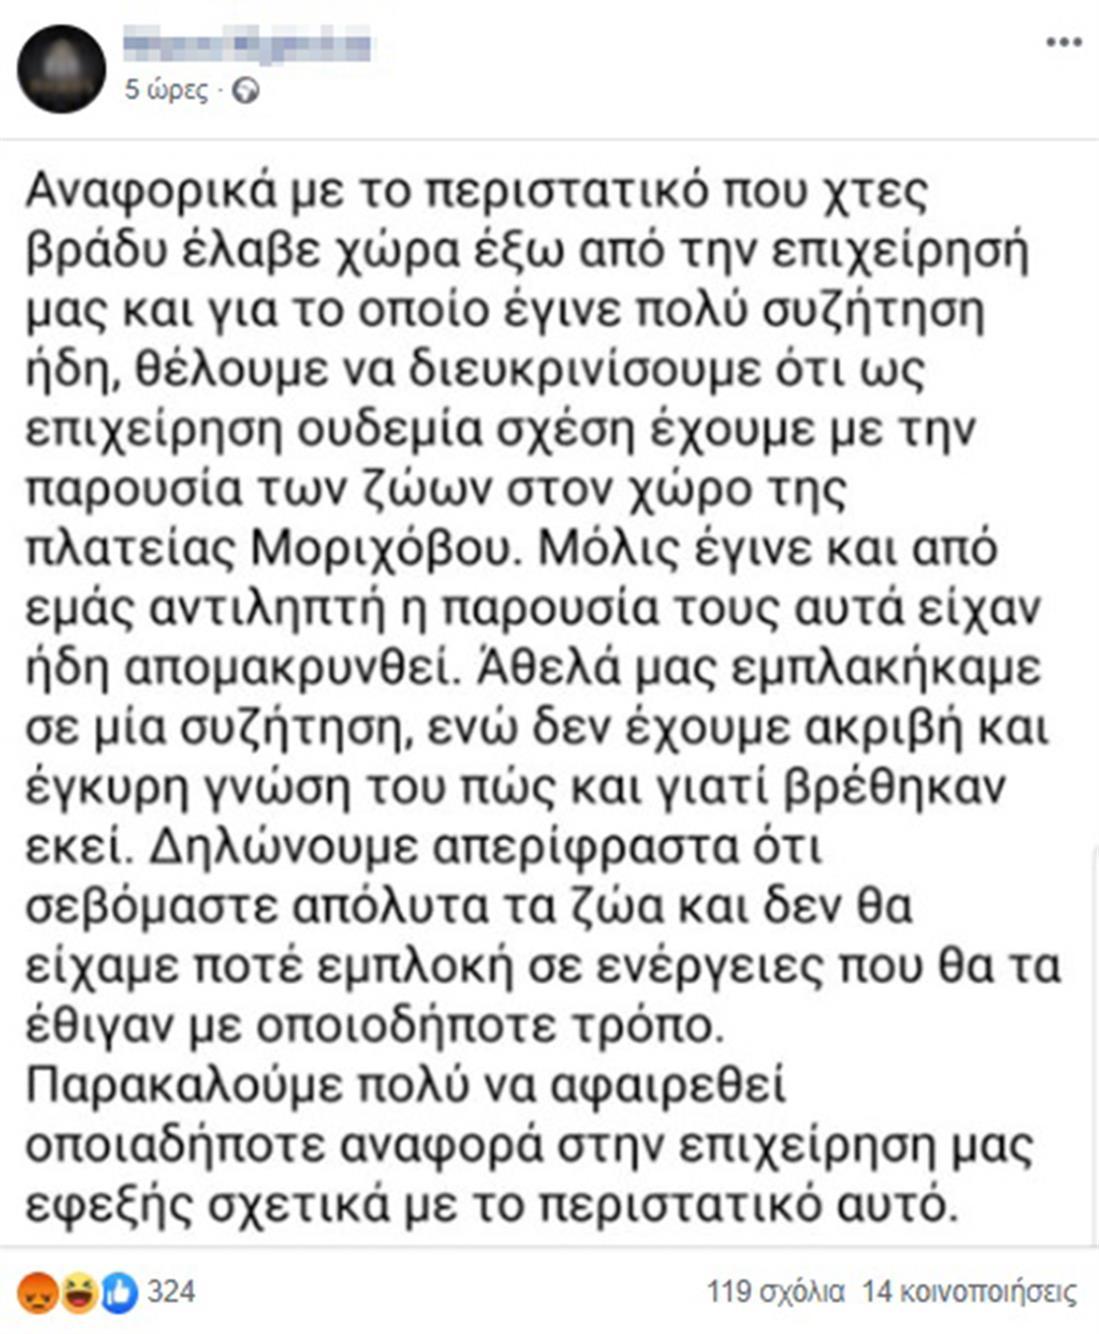 Κέντρο διασκέδασης - Θεσσαλονίκη - σκυλιά - κλουβιά